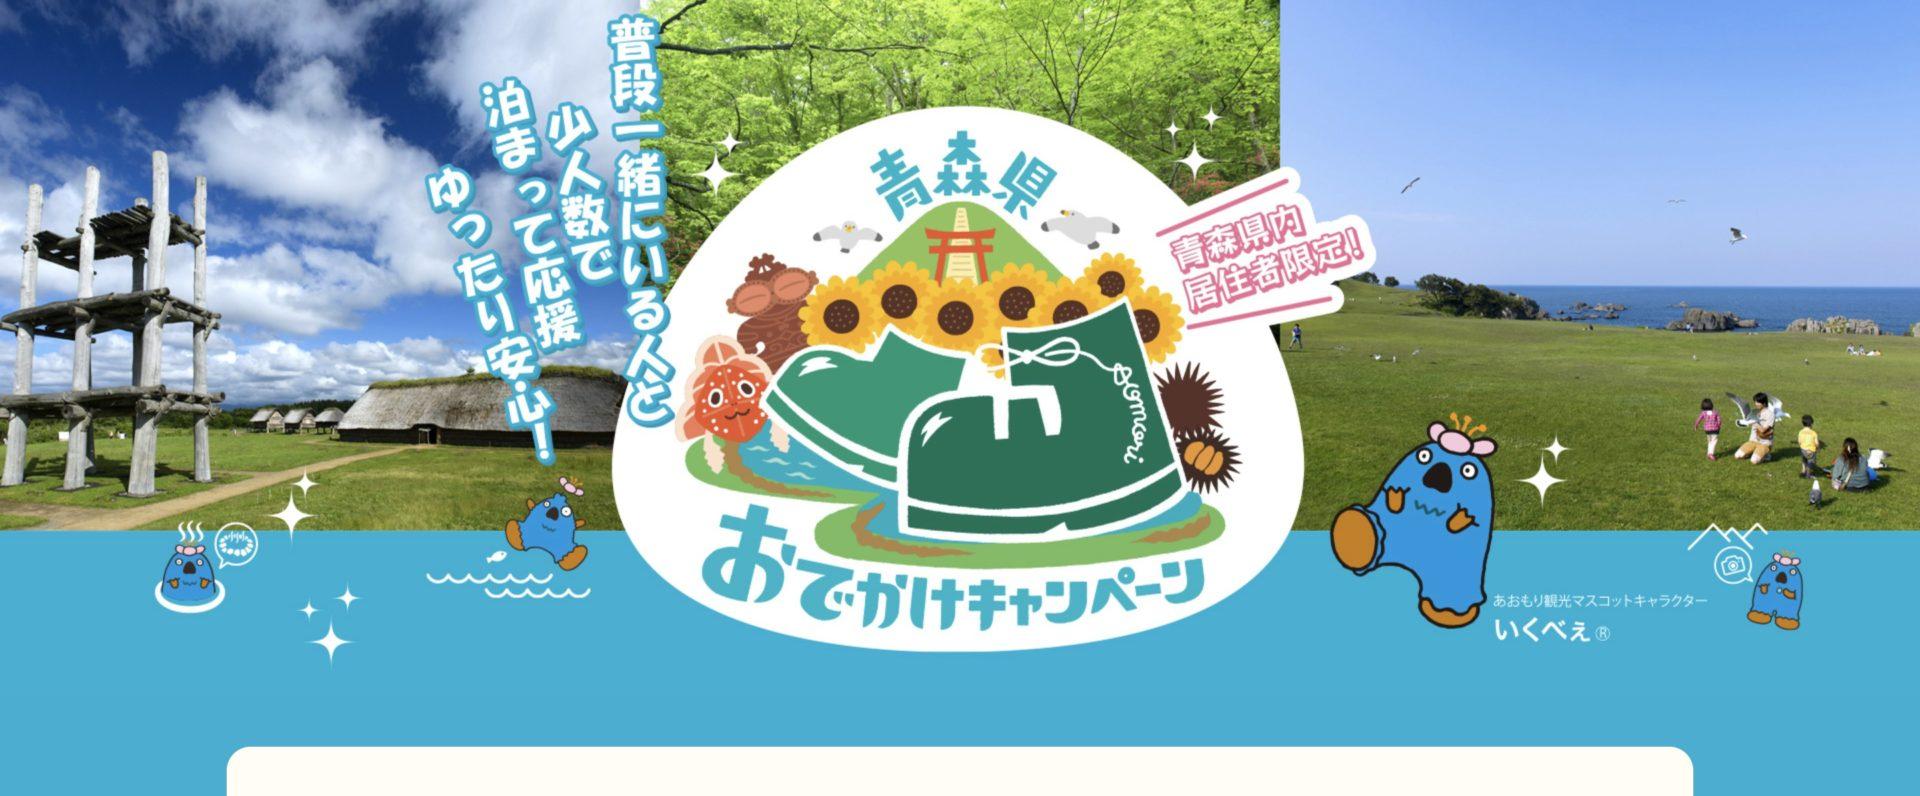 青森県おでかけキャンペーンは令和3年9月4日(土)から令和3年9月30日(木)まで一時停止することが決定しました。